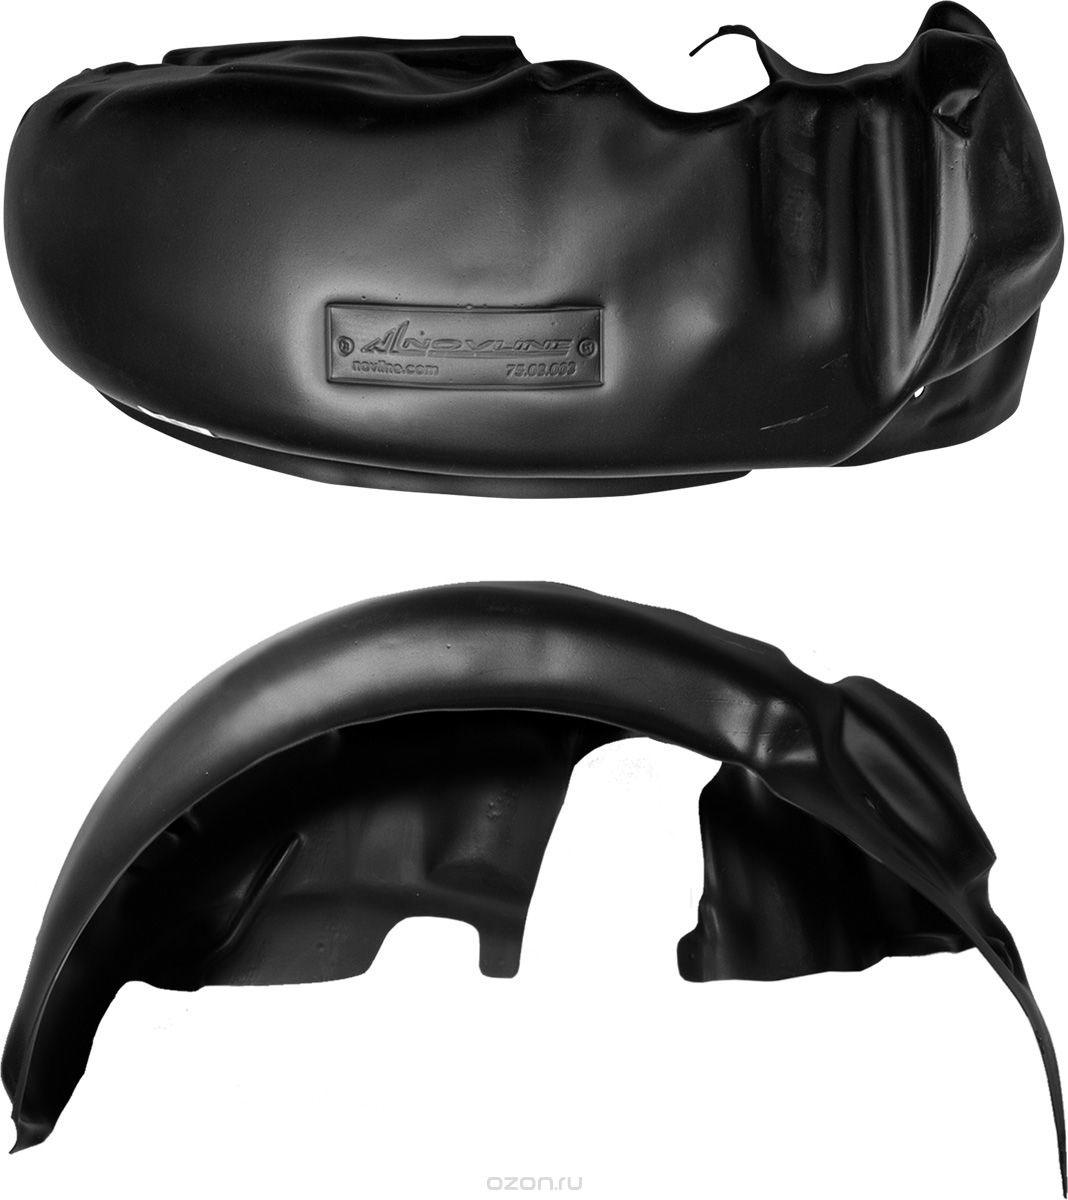 Подкрылок Novline-Autofamily, для DATSUN on-DO, 07/2014->, под установку брызговика, задний правыйTOTEM.94.01.004.01Идеальная защита колесной ниши. Локеры разработаны с применением цифровых технологий, гарантируют максимальную повторяемость поверхности арки. Изделия устанавливаются без нарушения лакокрасочного покрытия автомобиля, каждый подкрылок комплектуется крепежом. Уважаемые клиенты, обращаем ваше внимание, что фотографии на подкрылки универсальные и не отражают реальную форму изделия. При этом само изделие идет точно под размер указанного автомобиля.